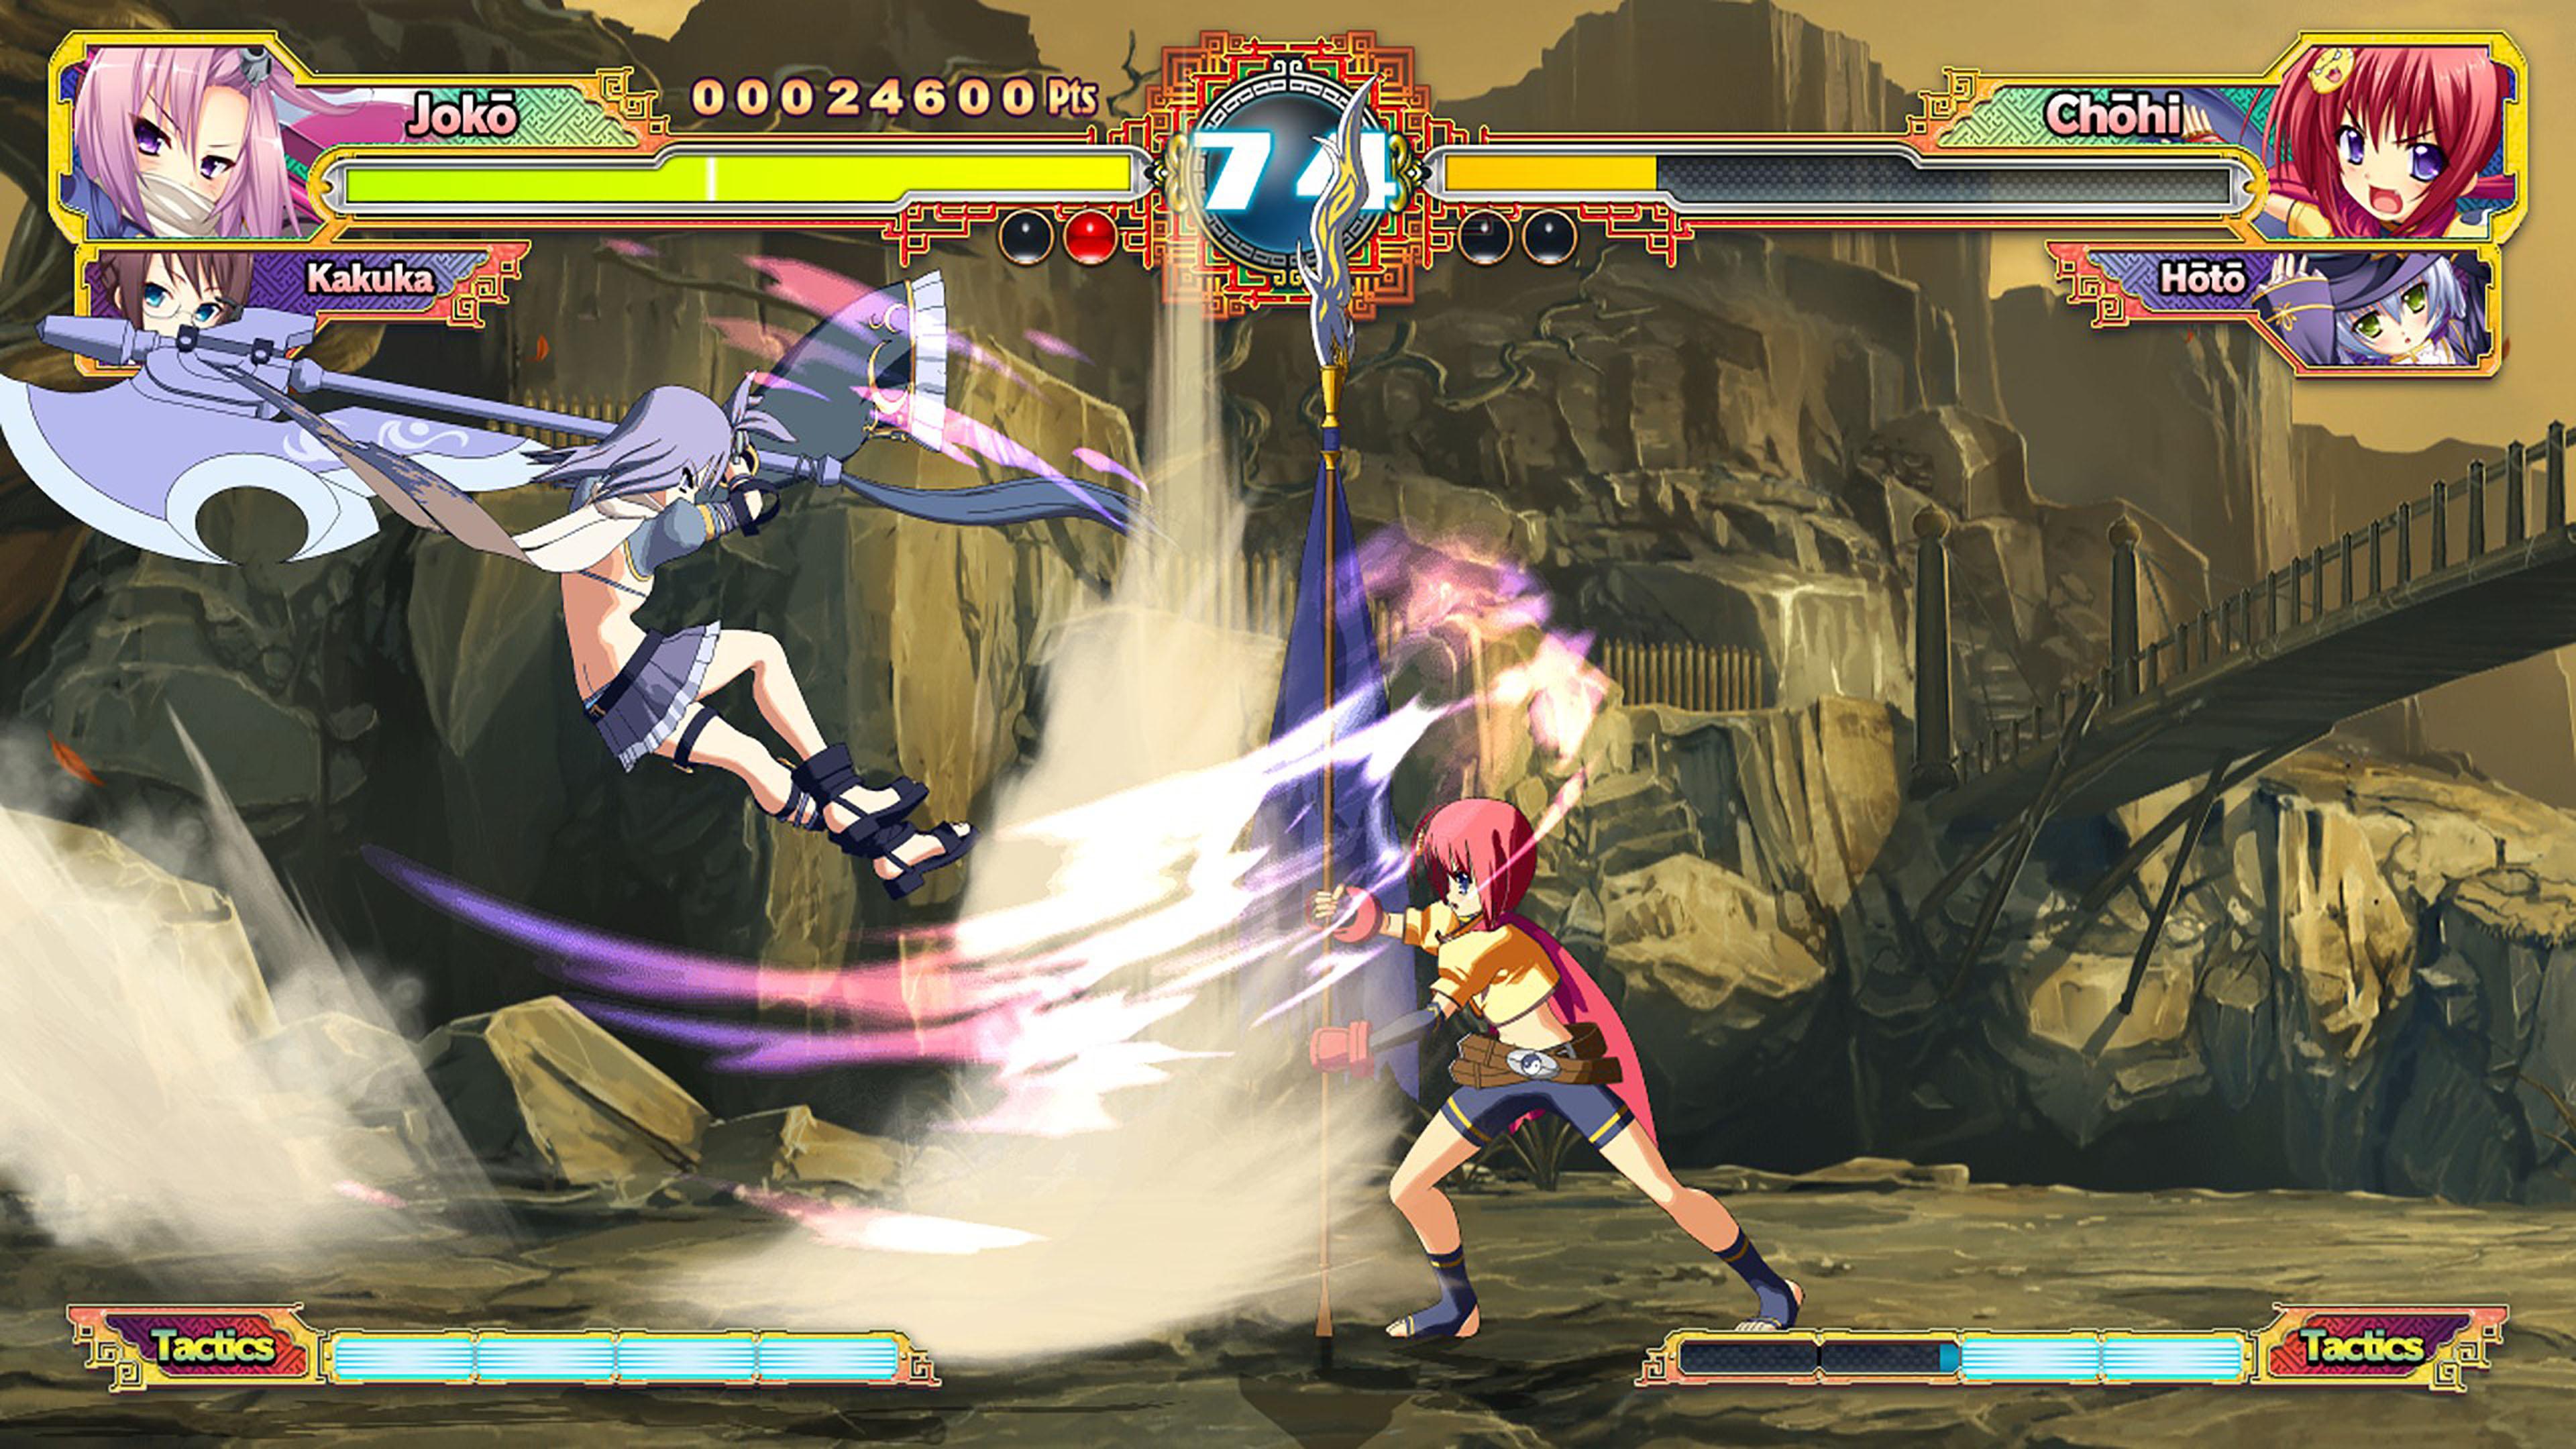 Скриншот №2 к Koihime Enbu Ryorairai - Jokō and Kakuka